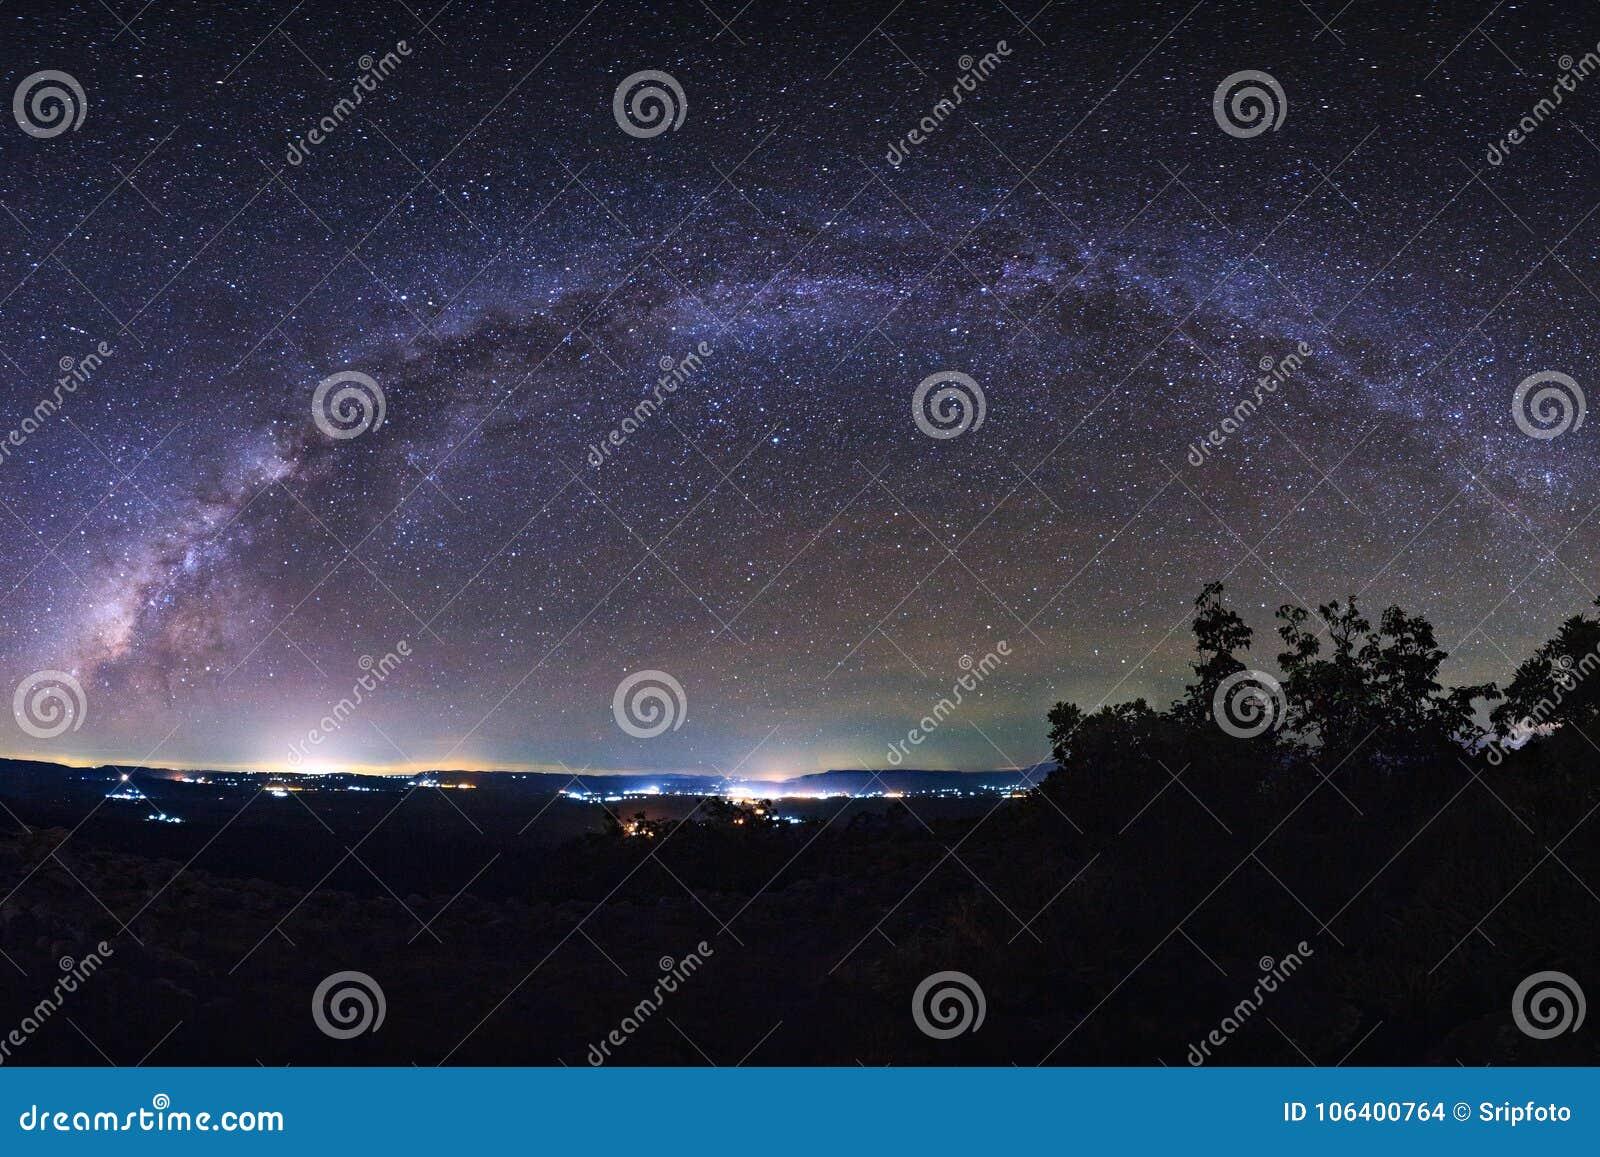 Небо звездной ночи, галактика млечного пути с звездами и космос пылятся внутри